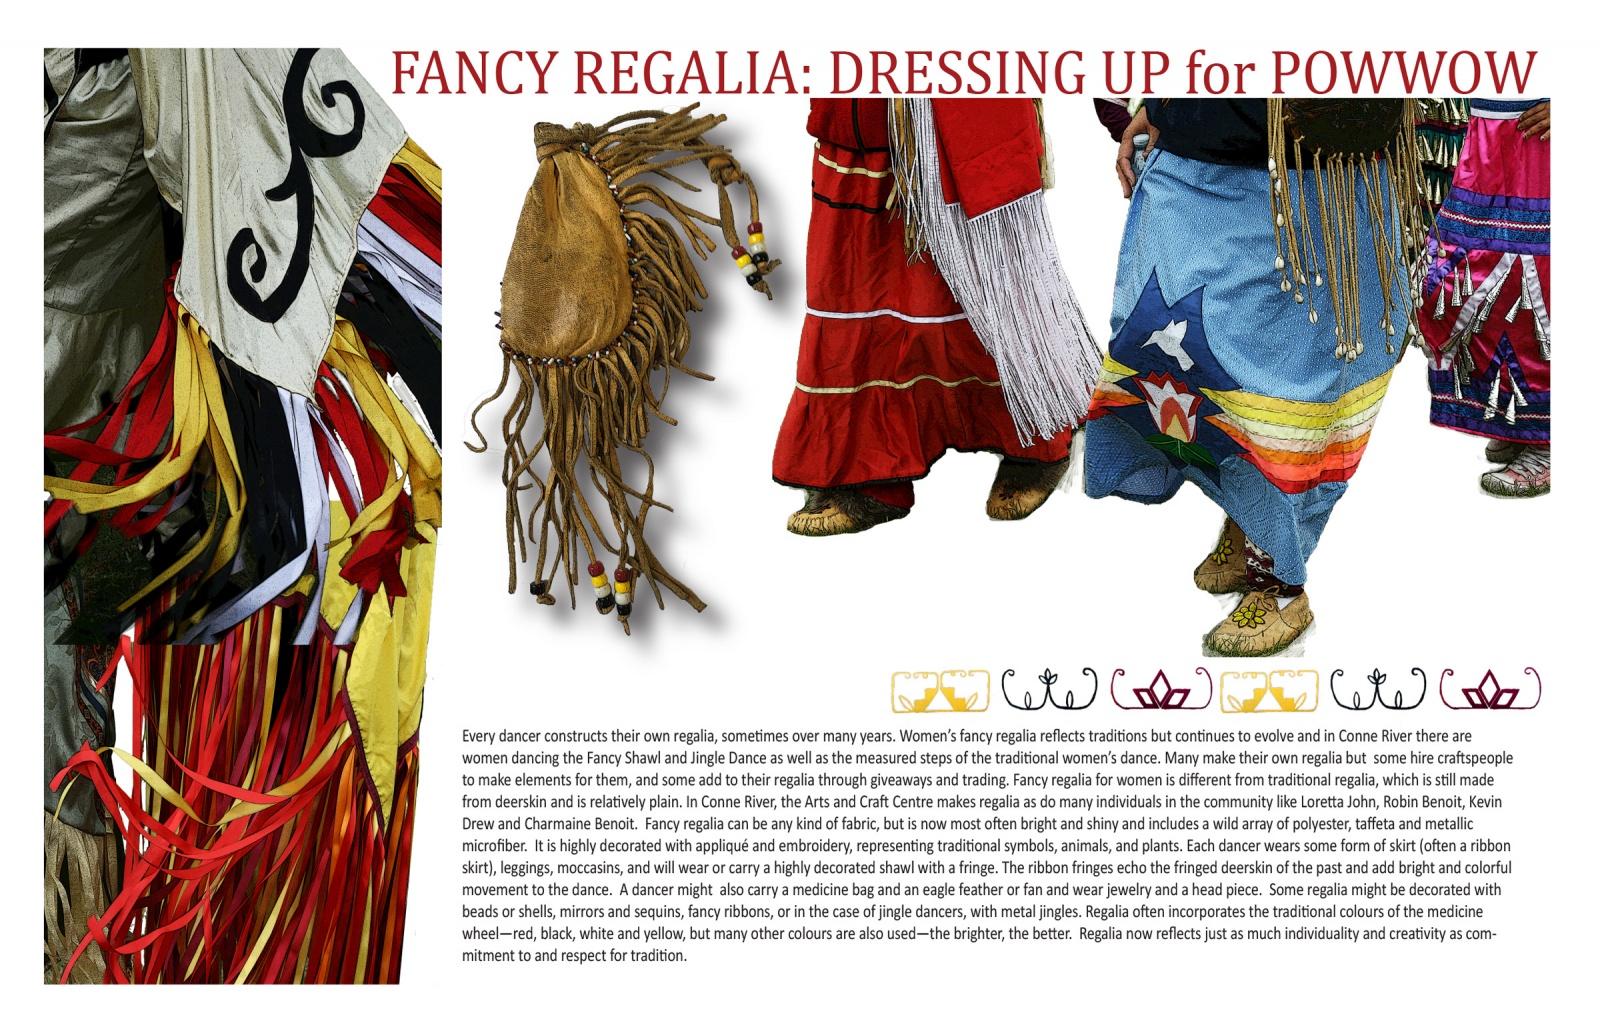 Fancy Regalia: Dressing Up for Powwow